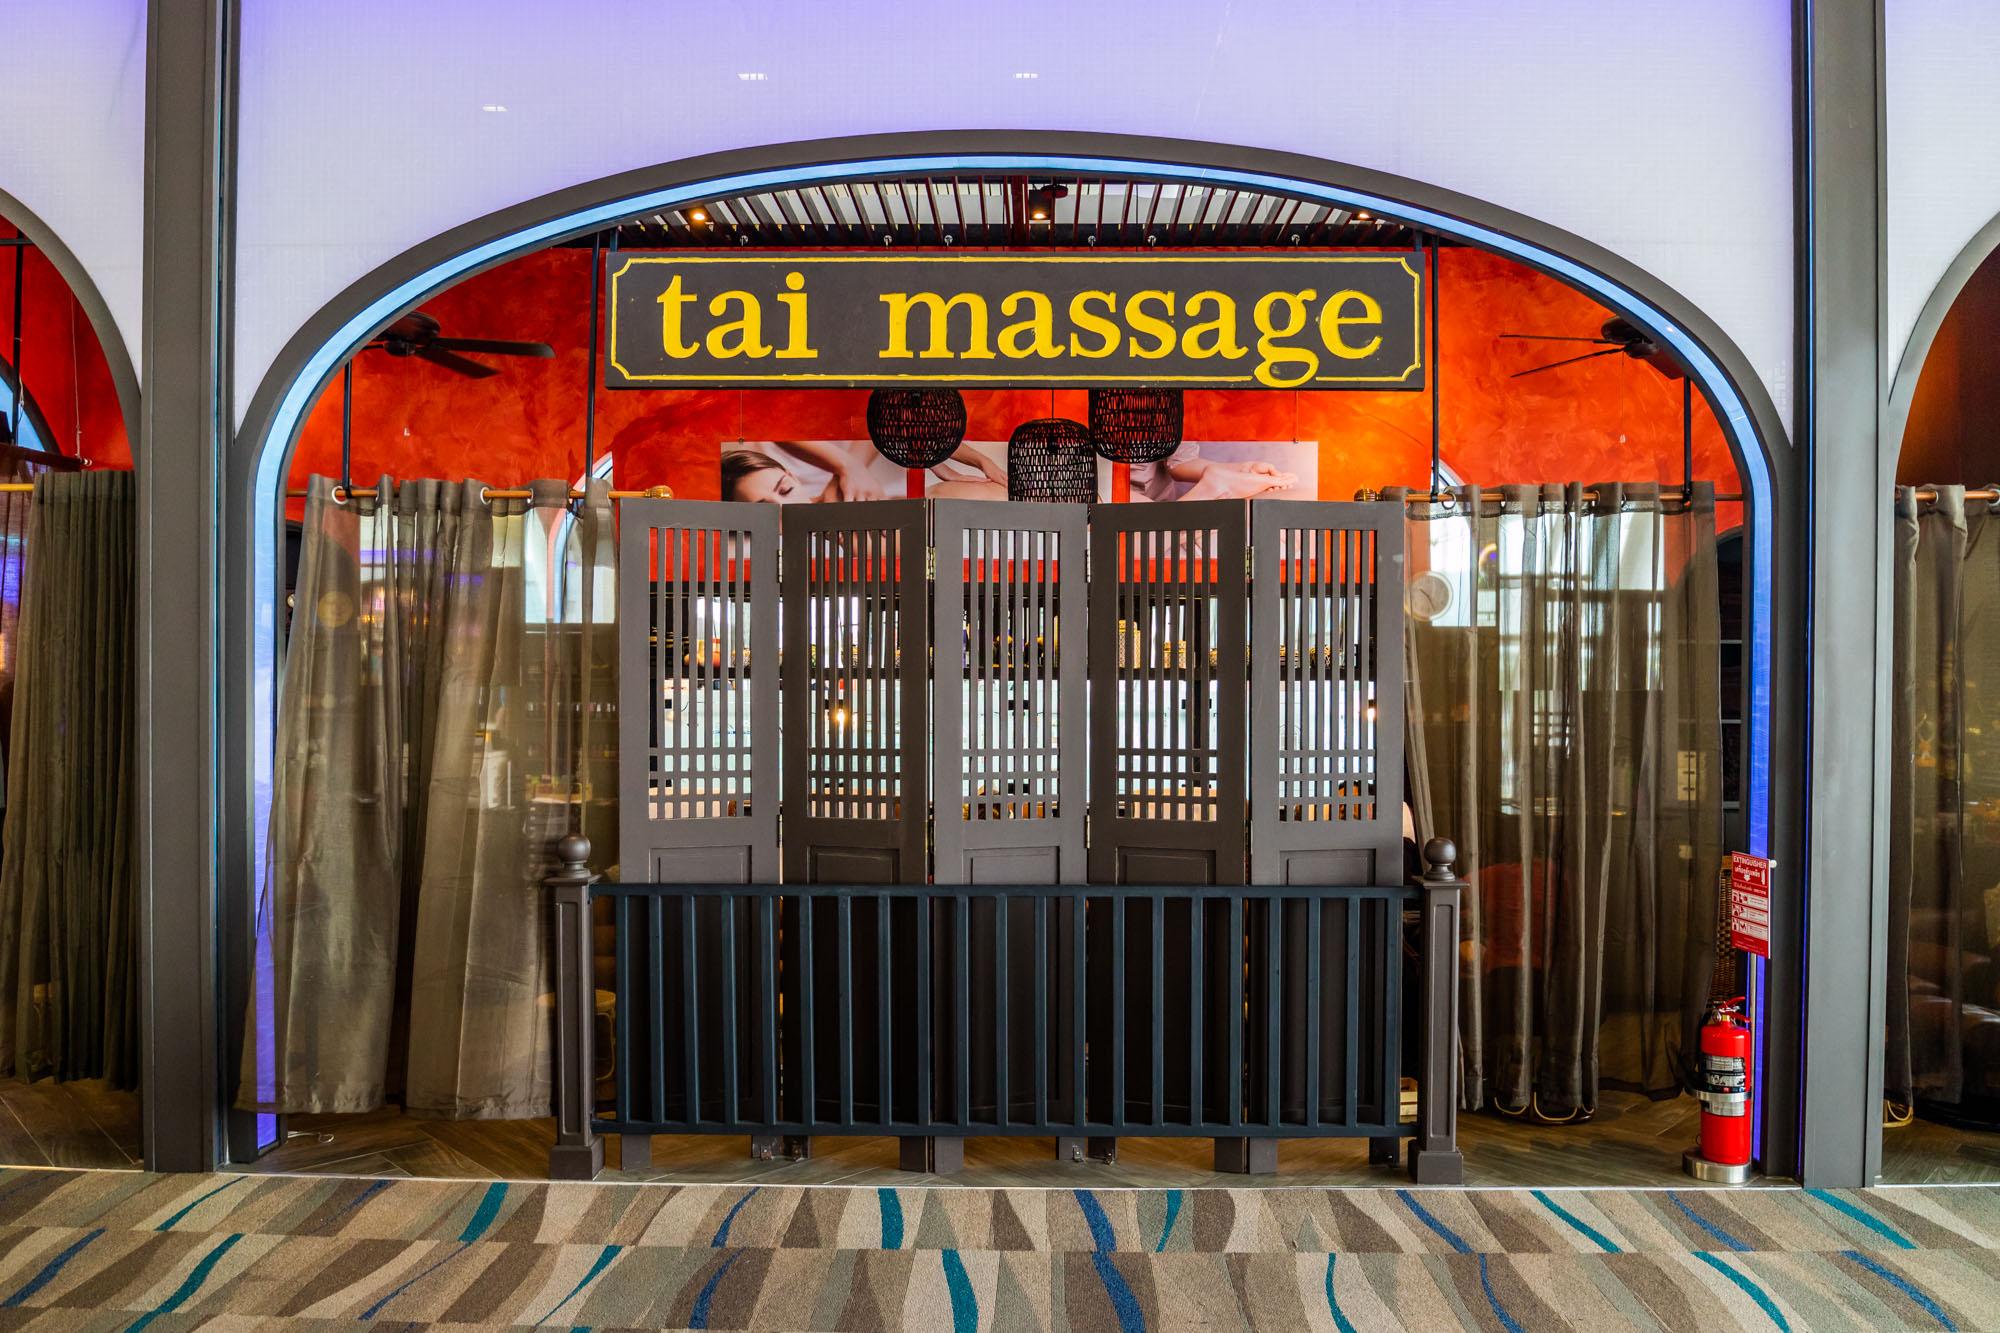 Tai Massage  ร้านอาหารแนะนำ ในอาคารผู้โดยสารขาออกระหว่างประเทศ ท่าอากาศยานภูเก็ต IMG 8256